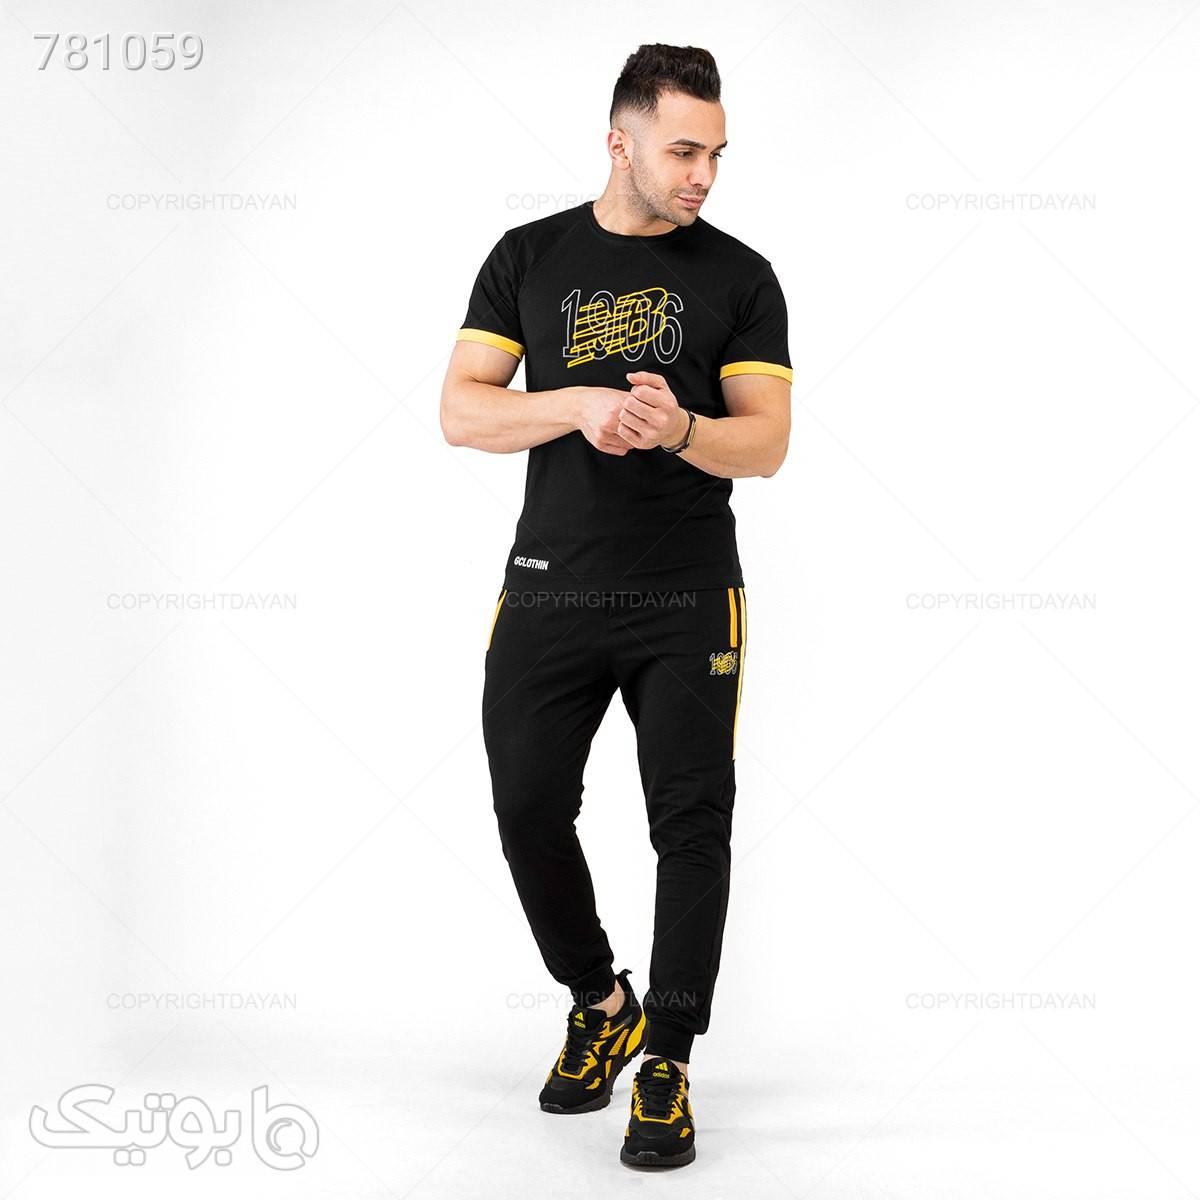 حراج تیشرت و شلوار نیوبالانس سورمه ای ست ورزشی مردانه